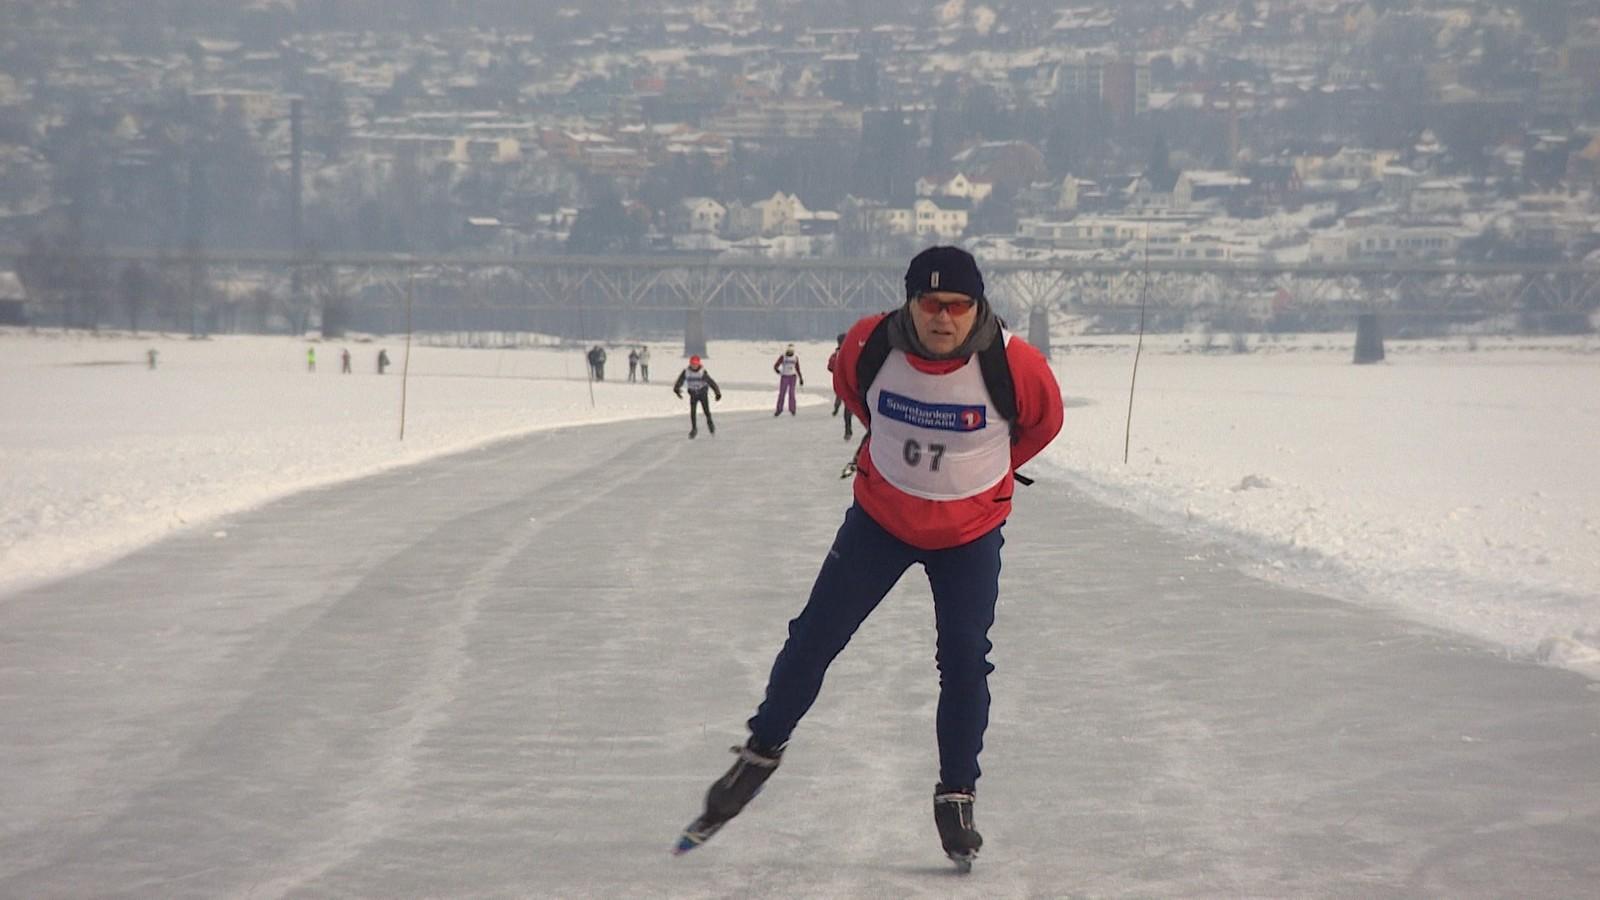 Baneløpet var 6 km, og man kunne velge flere runder. Andre valgte å gå til Strandhytta og tilbake som er 32 km. Eller man kunne gå helt til Moelv og tilbake til Vingnes, som er 56. De sprekeste gikk denne distansen to ganger, og tilbakela hele 112 km på skøyter på søndag